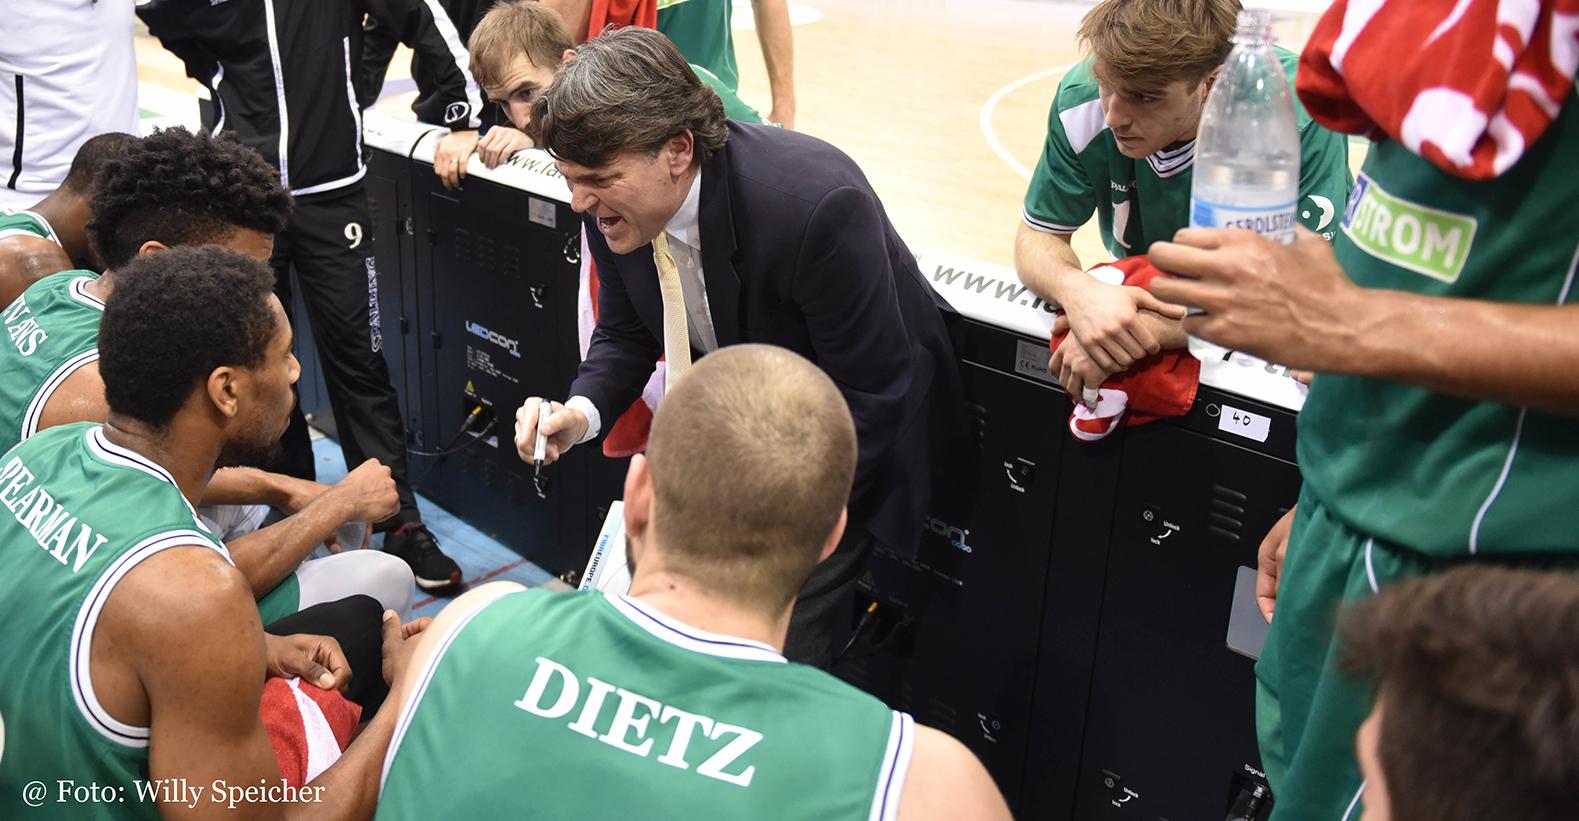 Basketball 2. Bundesliga: Galdiators Trier - finke baskets Paderborn in der Arena Trier. Trainer Marco von den Berg während der Auszeit. Foto: Willy Speicher